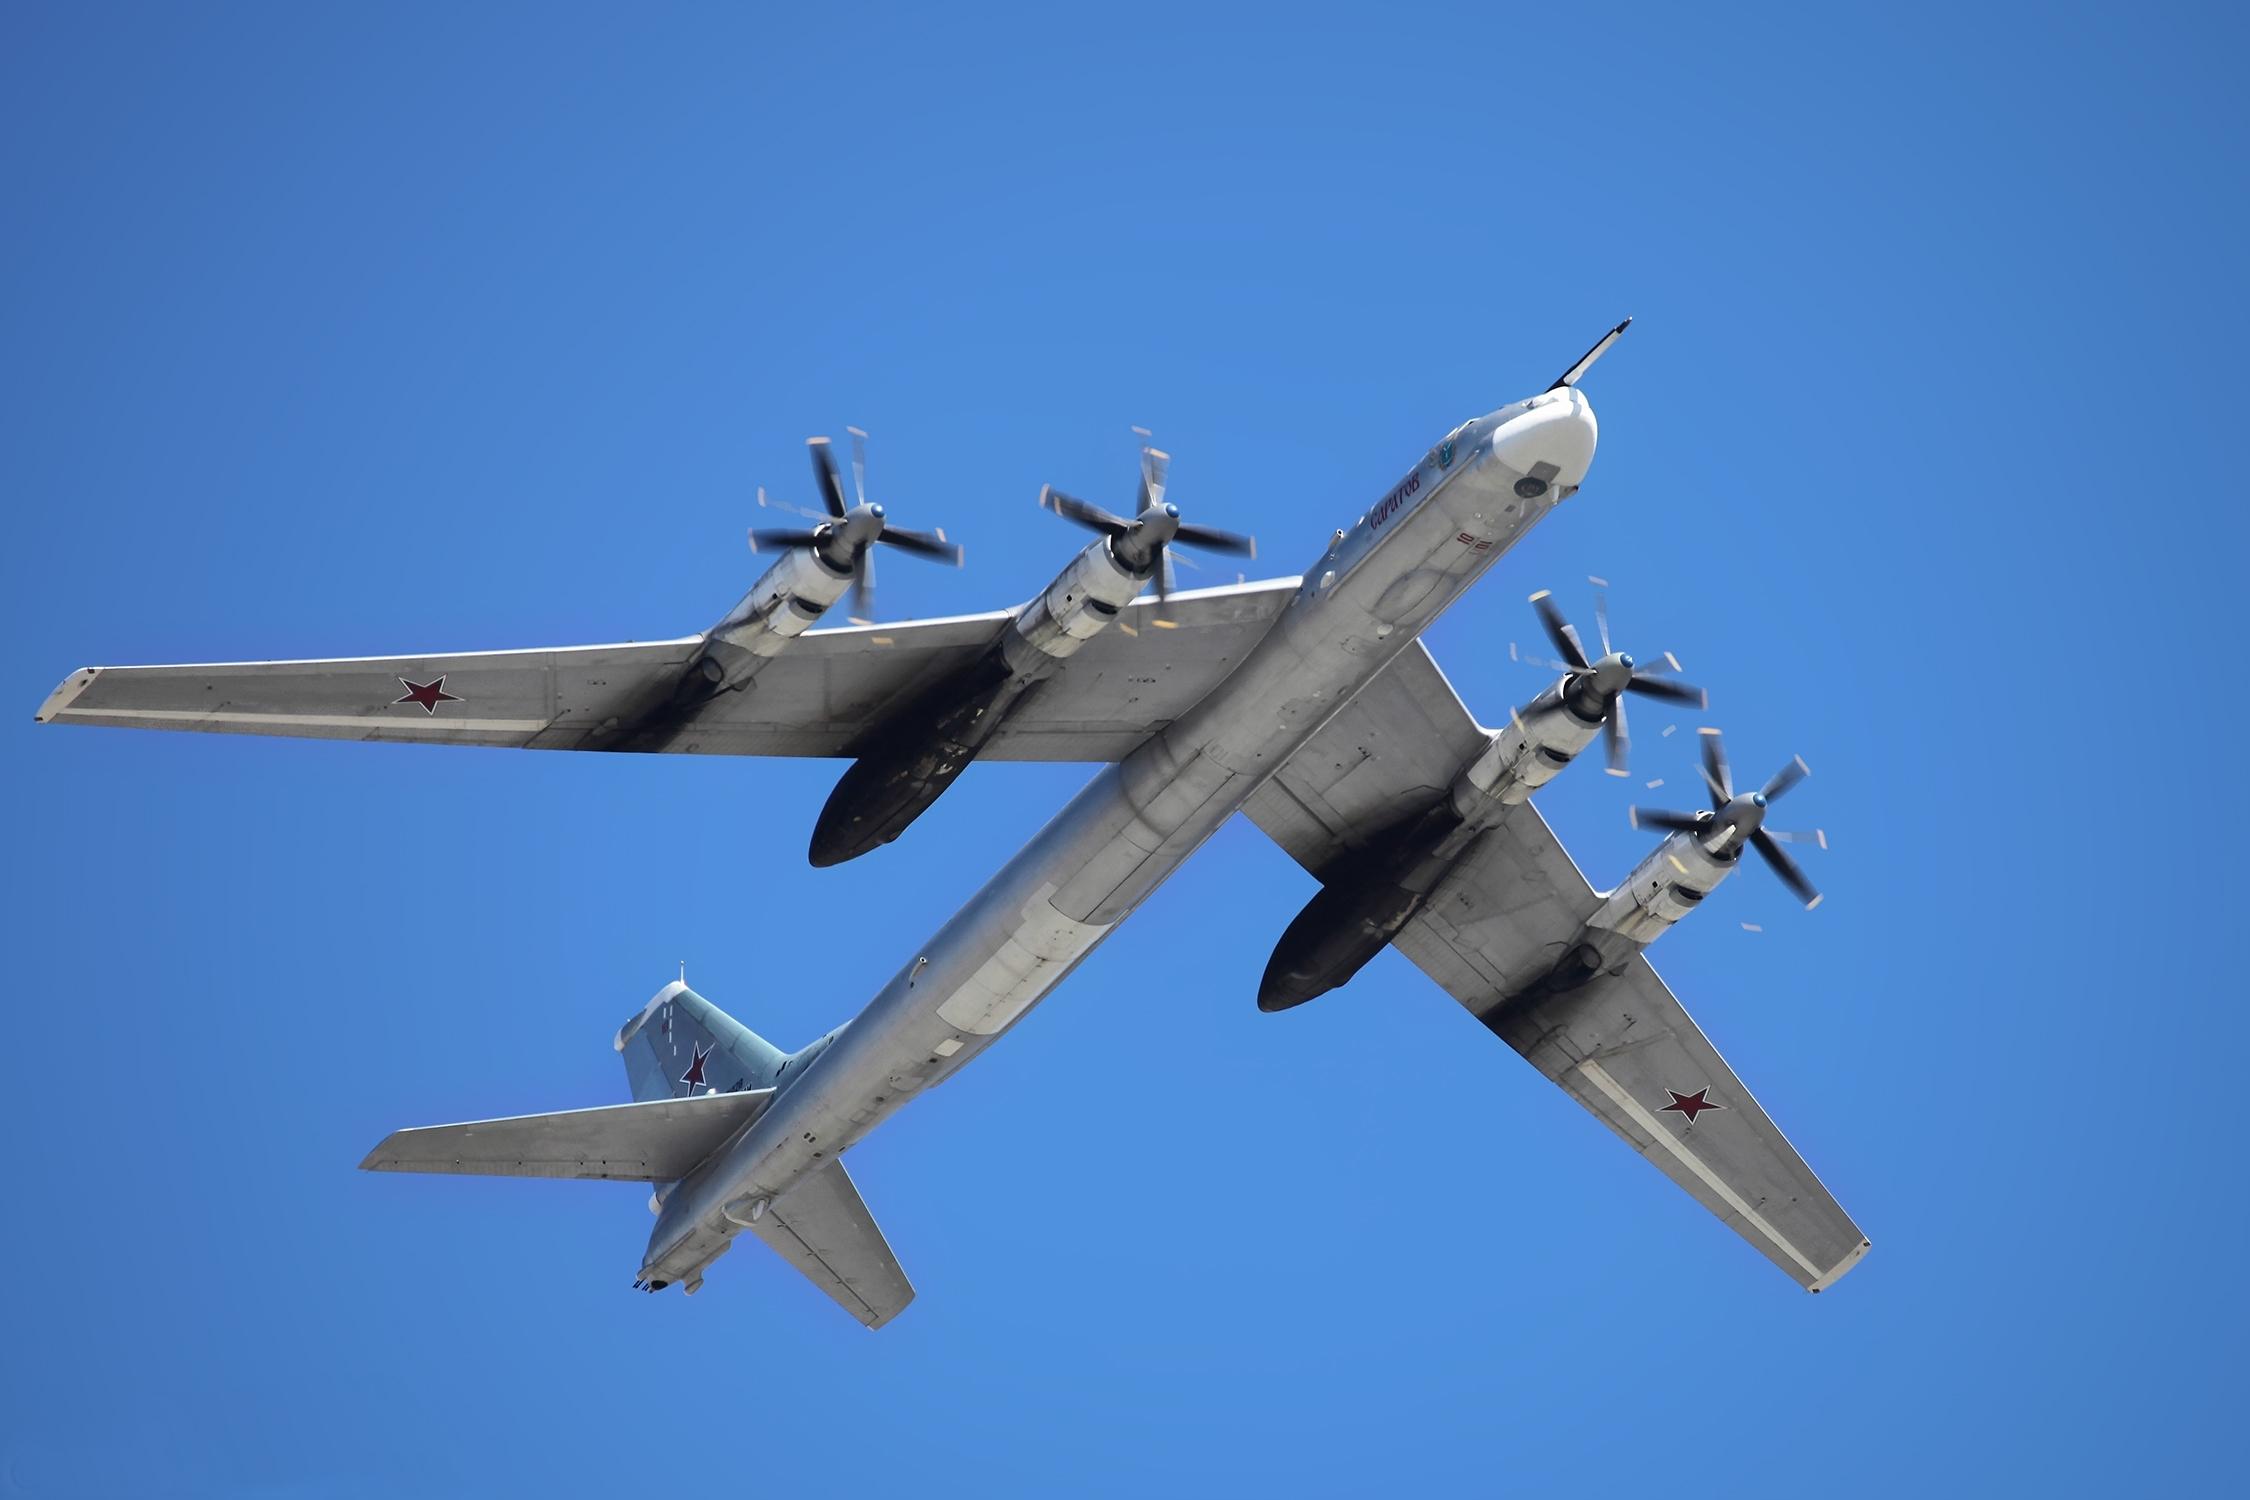 самолеты дальней авиации картинки главным